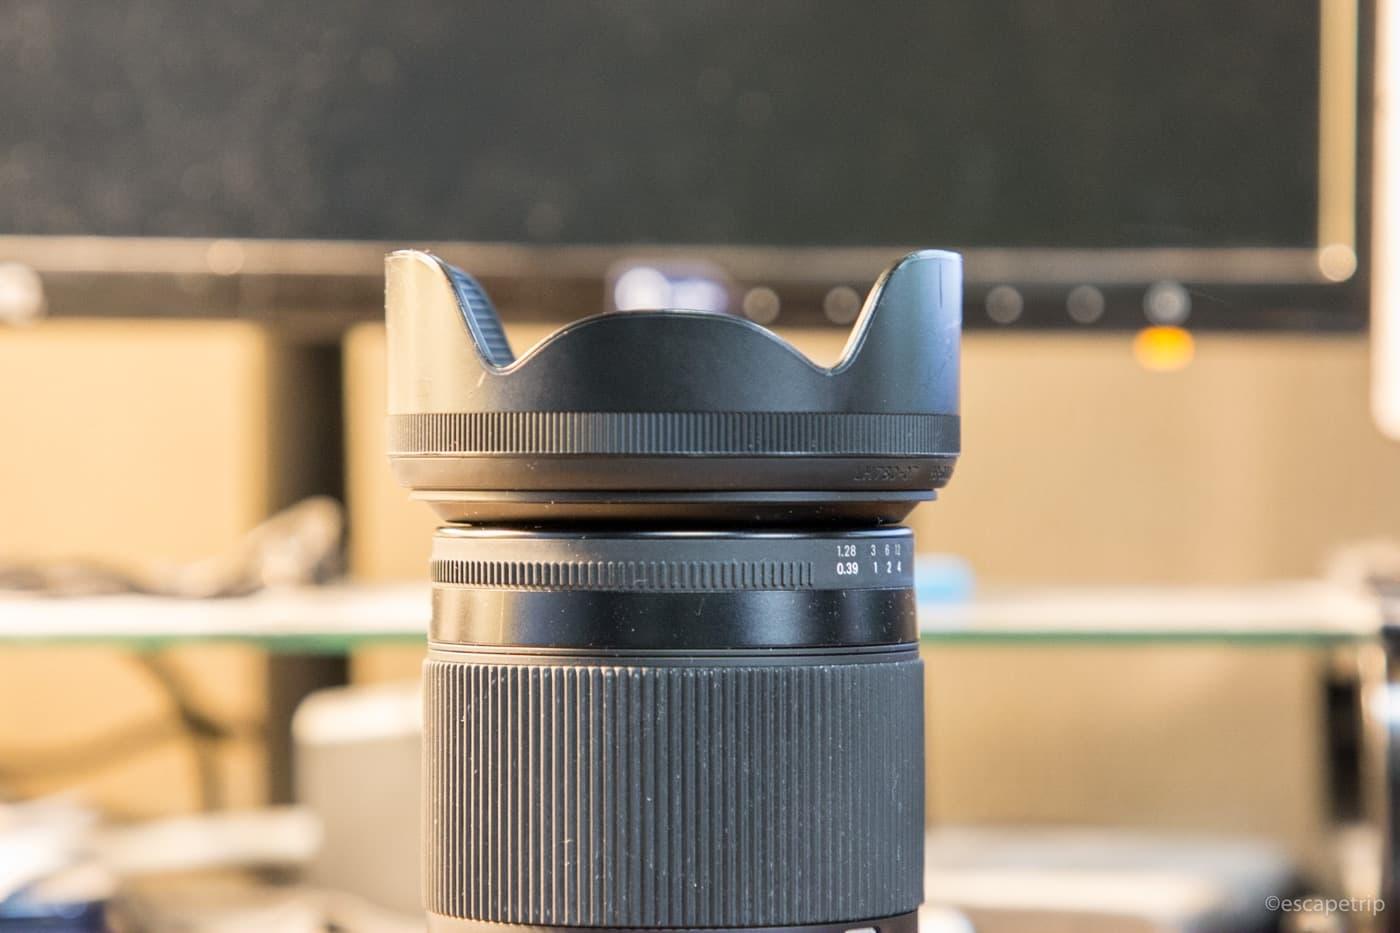 シグマ18-300mmレンズの花形フード